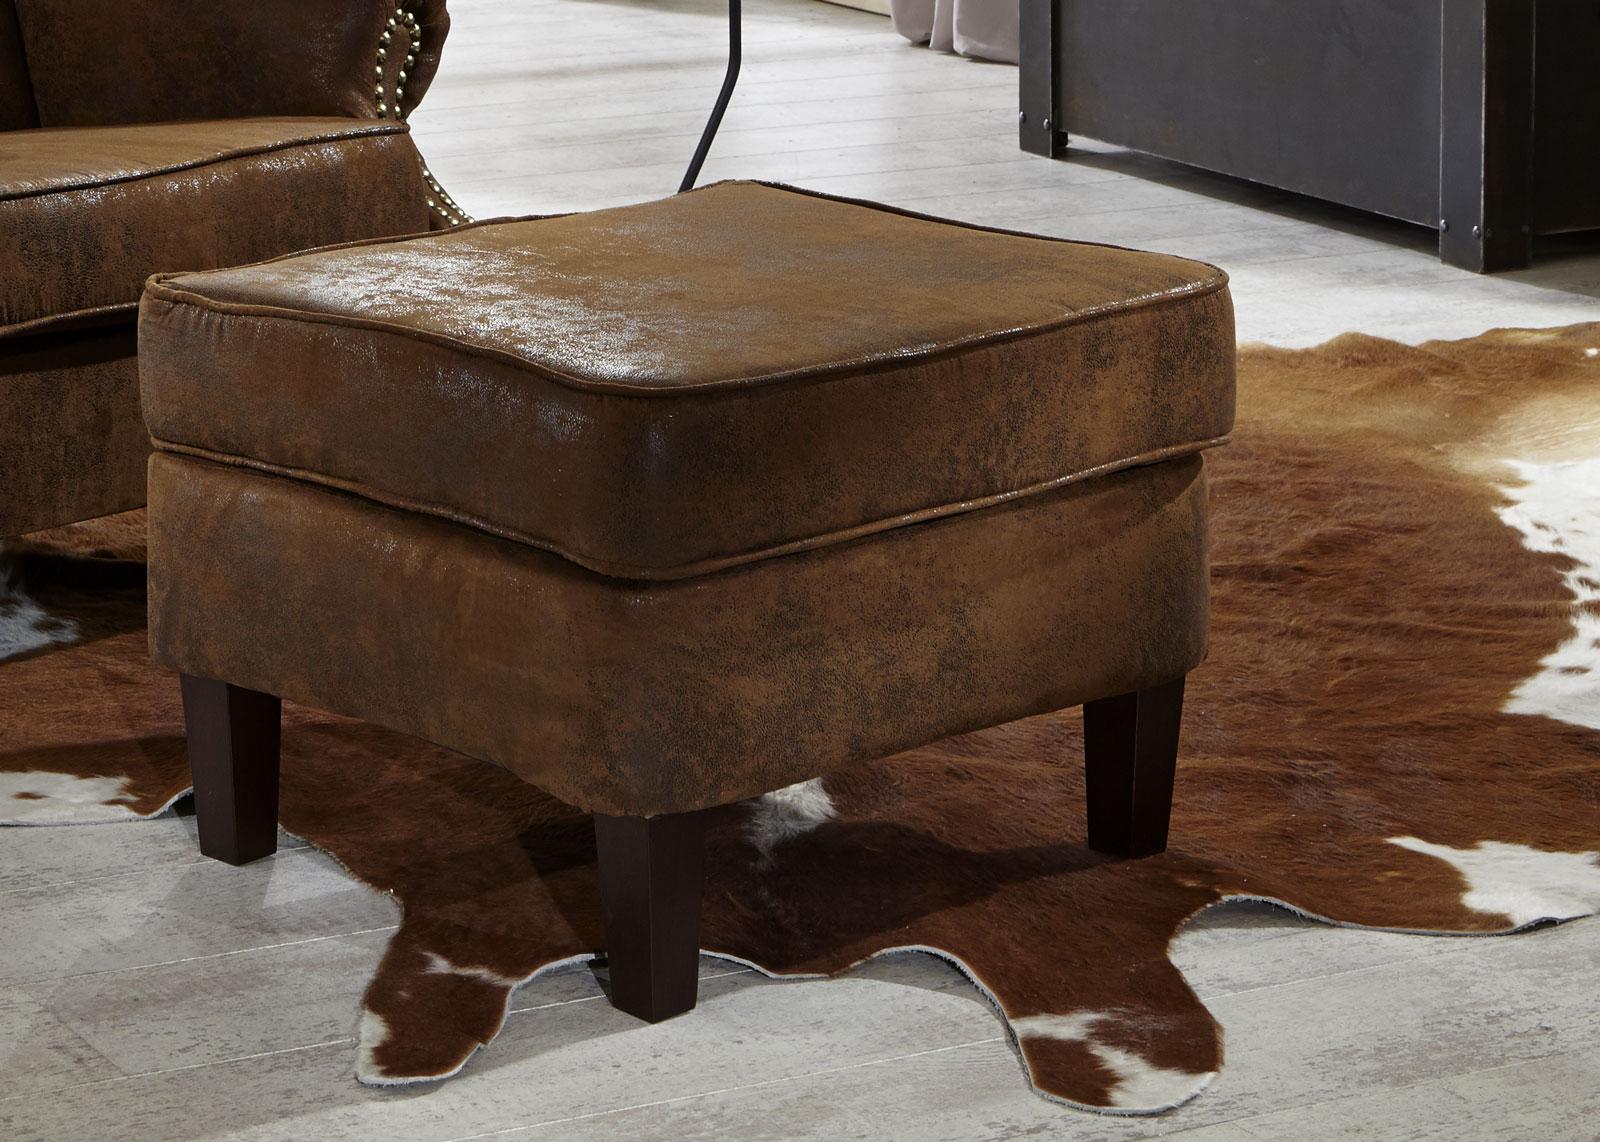 SAMR Wohnzimmer Design Hocker Wildlederoptik Bedford Bestellware Itemprop